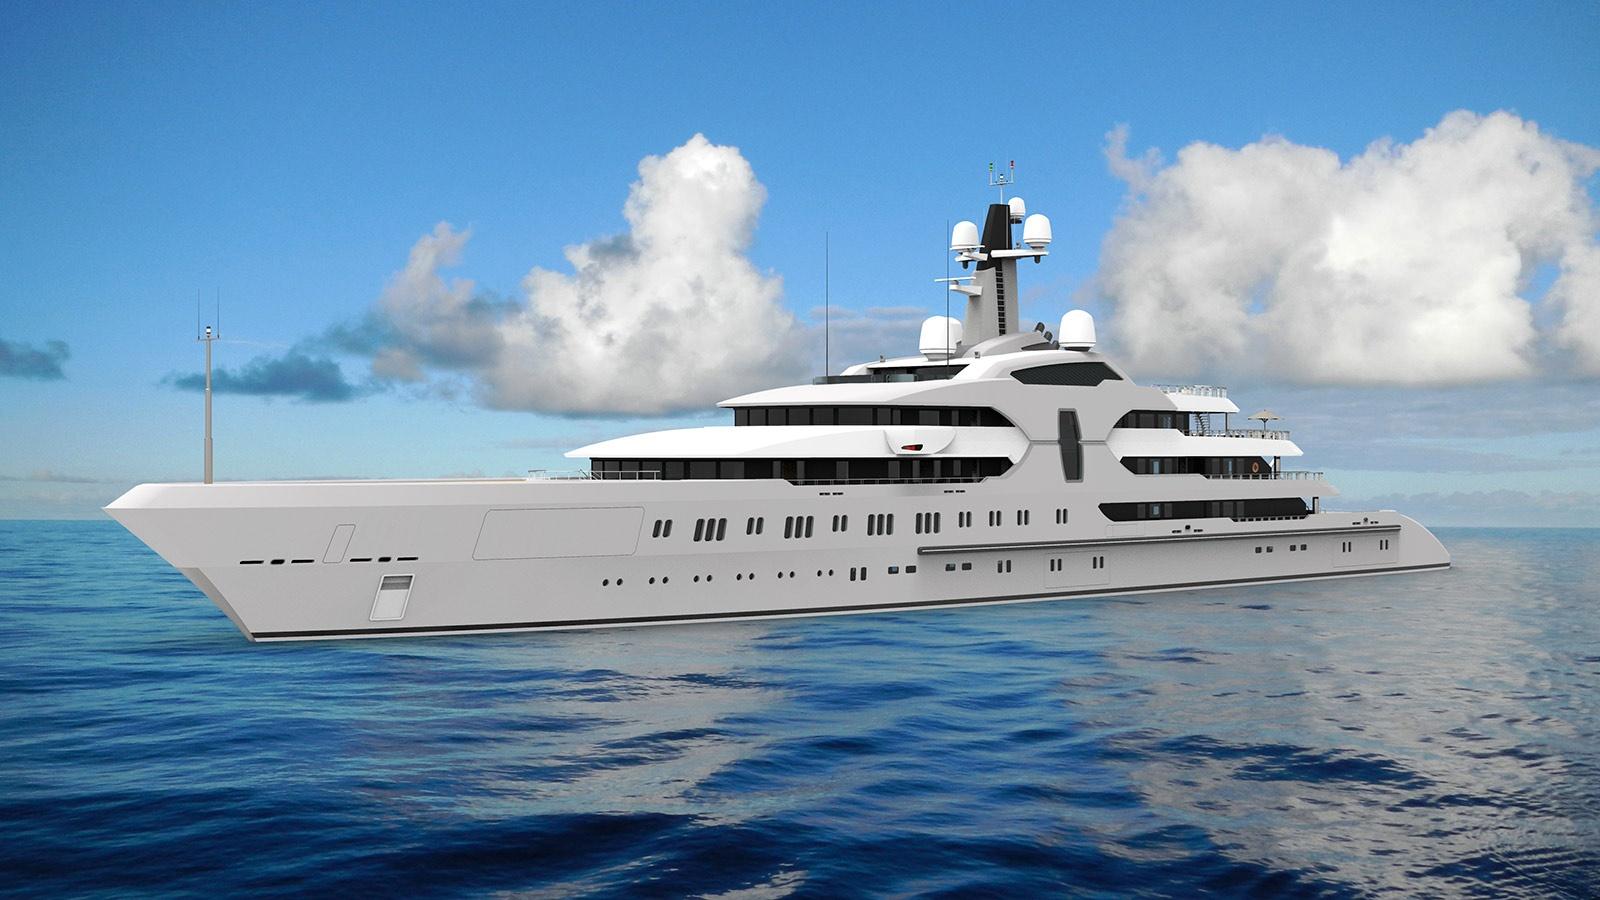 megayacht 120m Senol superyacht concept 2 2560x1440